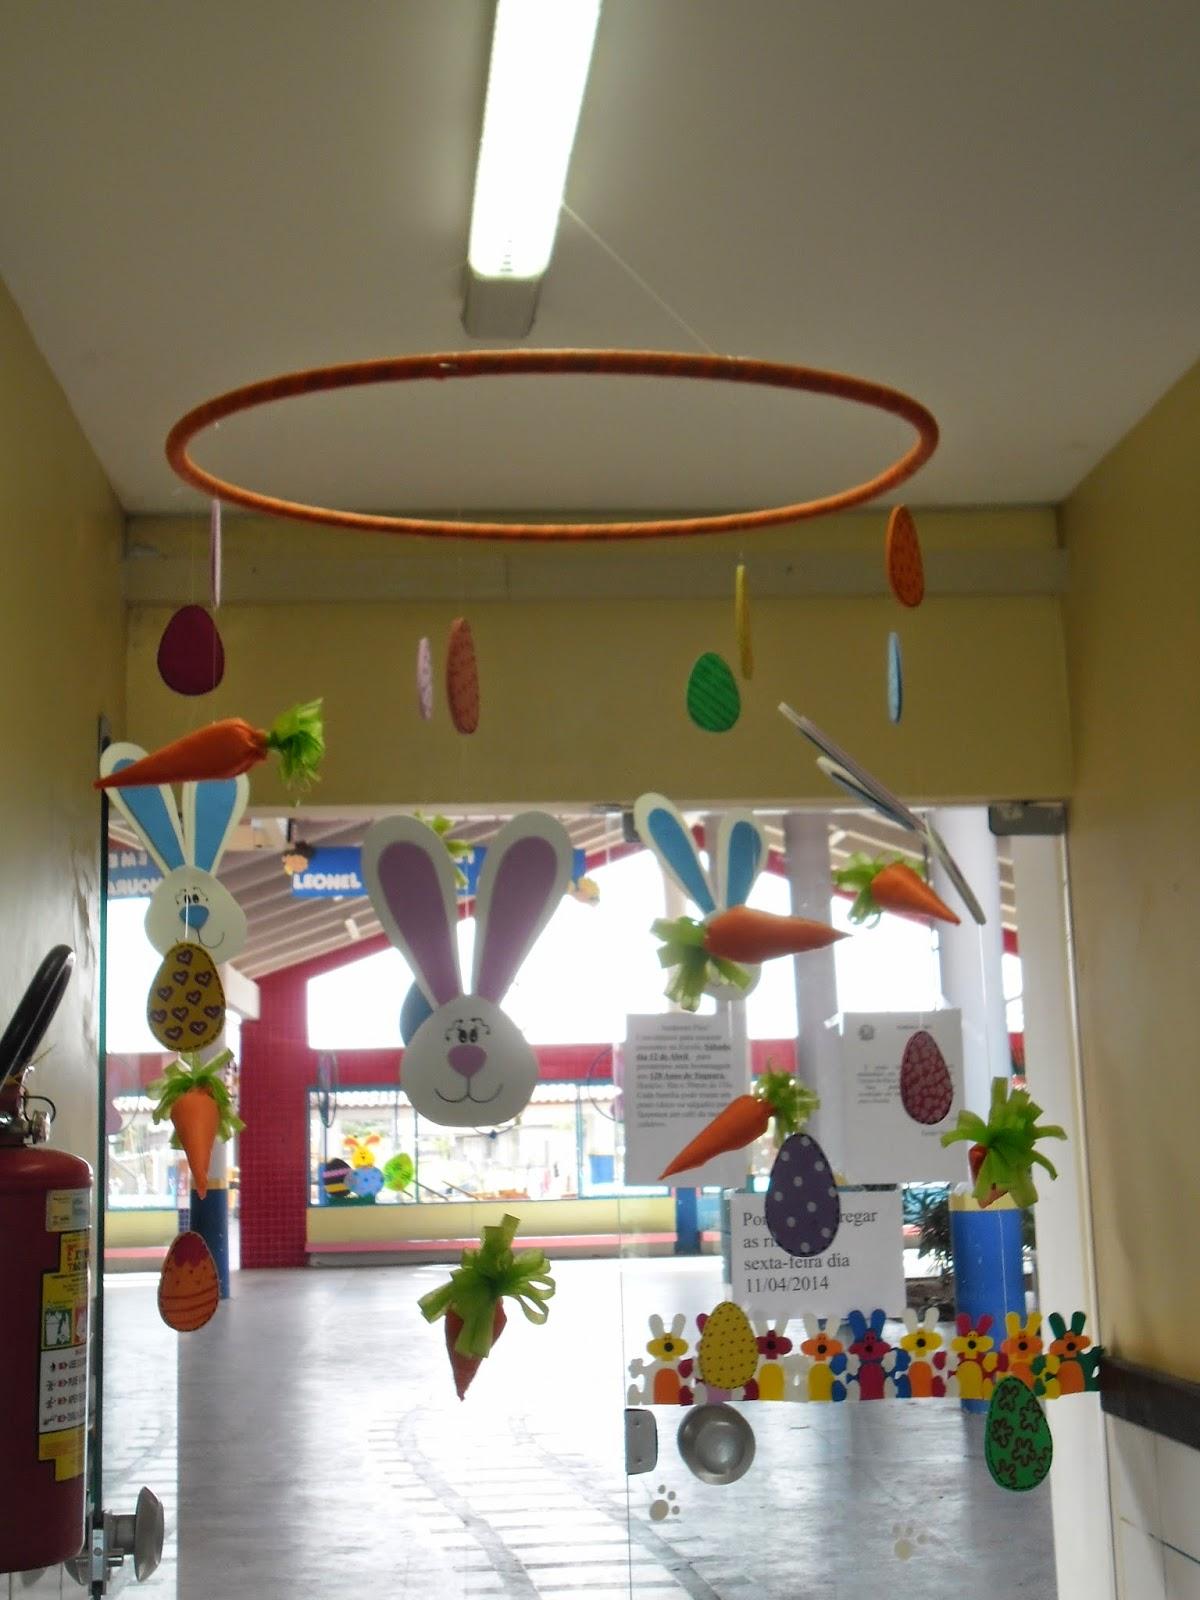 Decoração de Páscoa  Escola Municipal de Educação Infantil Leonel de Moura B -> Decoracao Banheiro Educacao Infantil